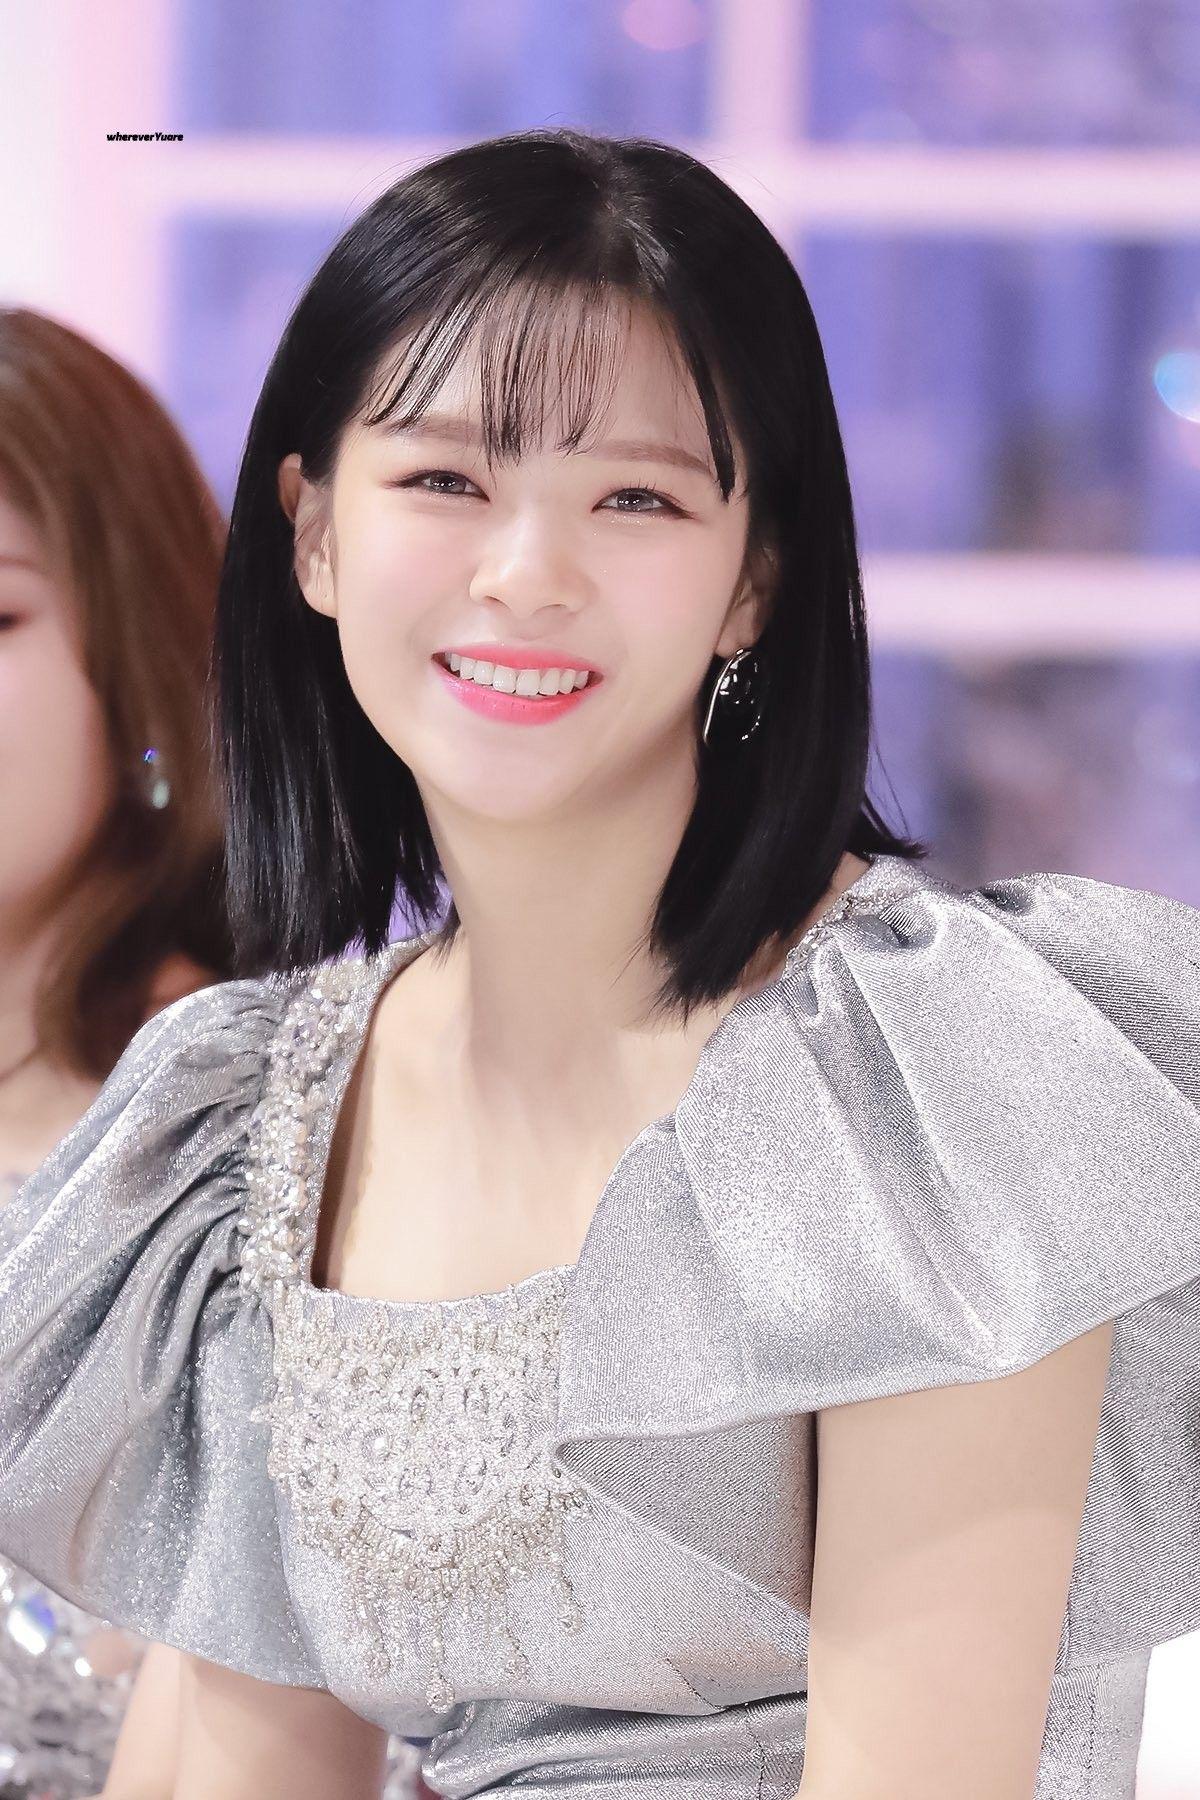 Pin By Sakhumzi Thozamile On Members Twice In 2020 Kpop Girls Girl Twice